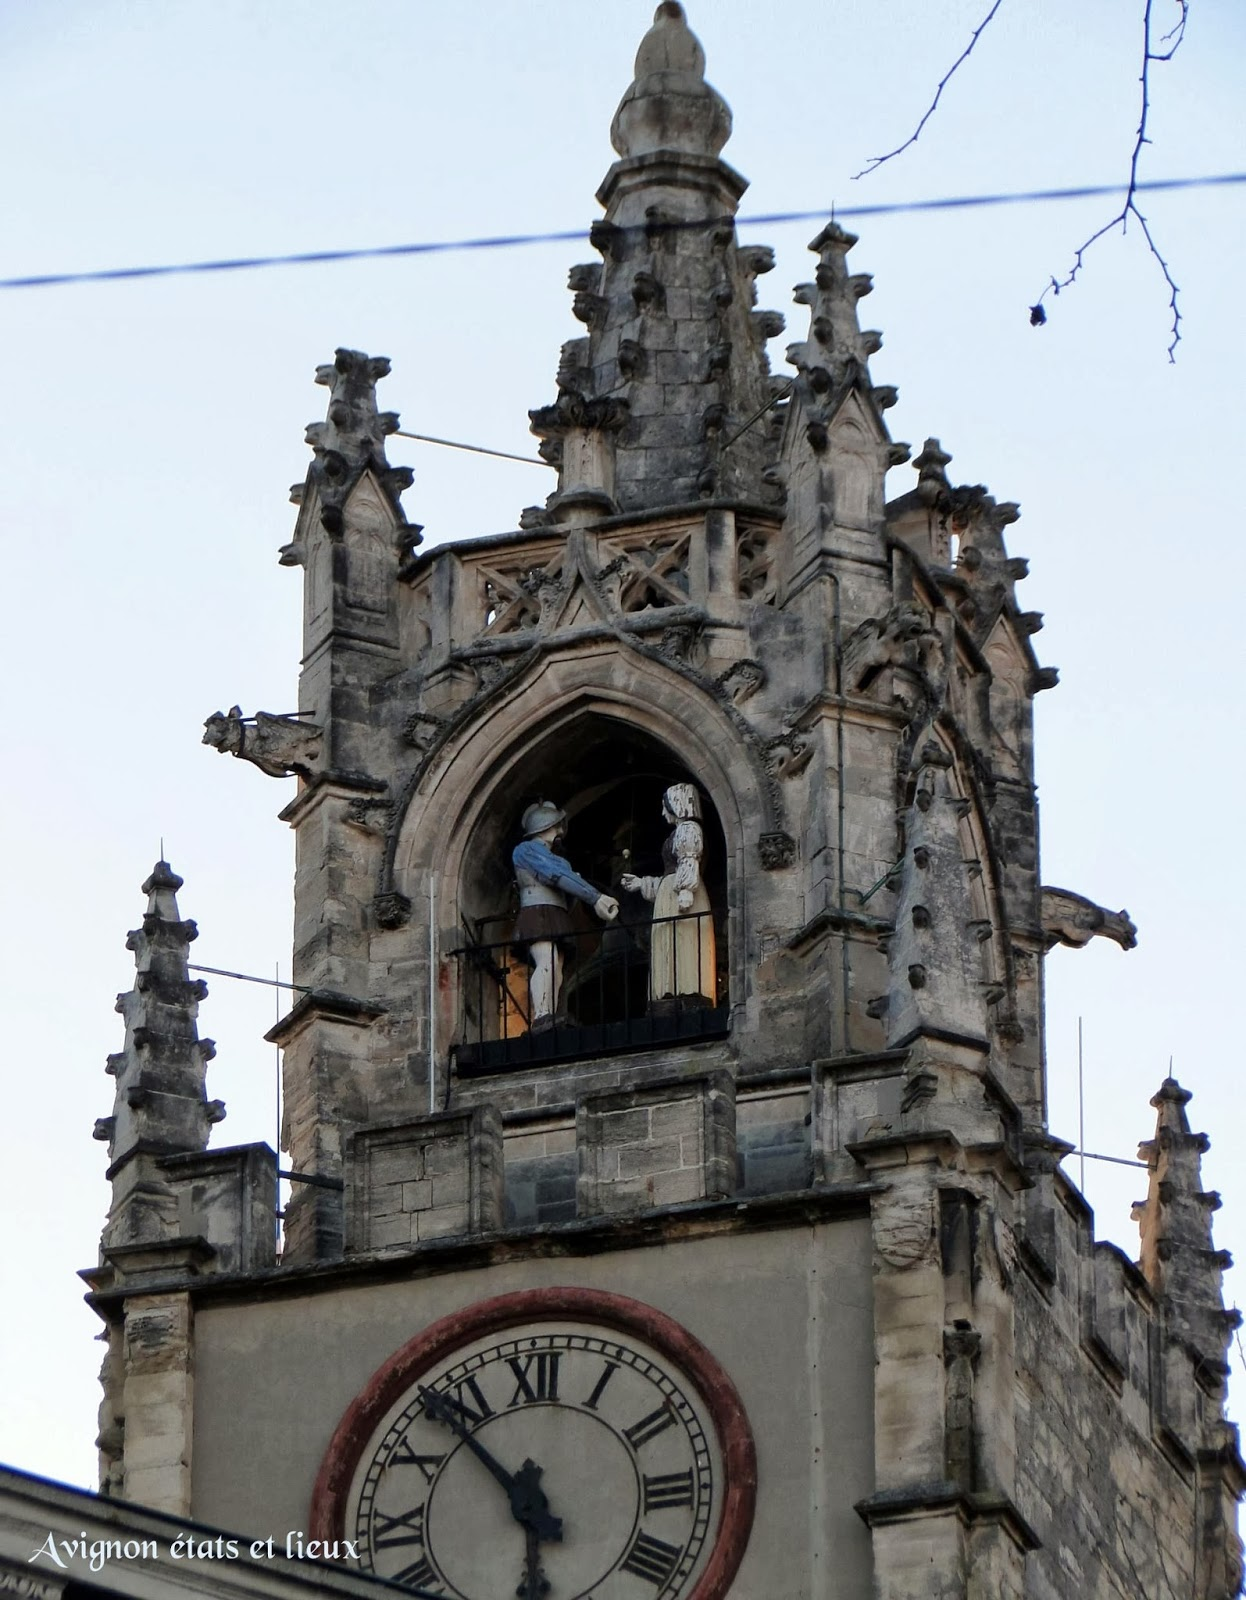 Impressions d'Avignon: Le Jacquemart de la Tour de l'Hôtel de Ville